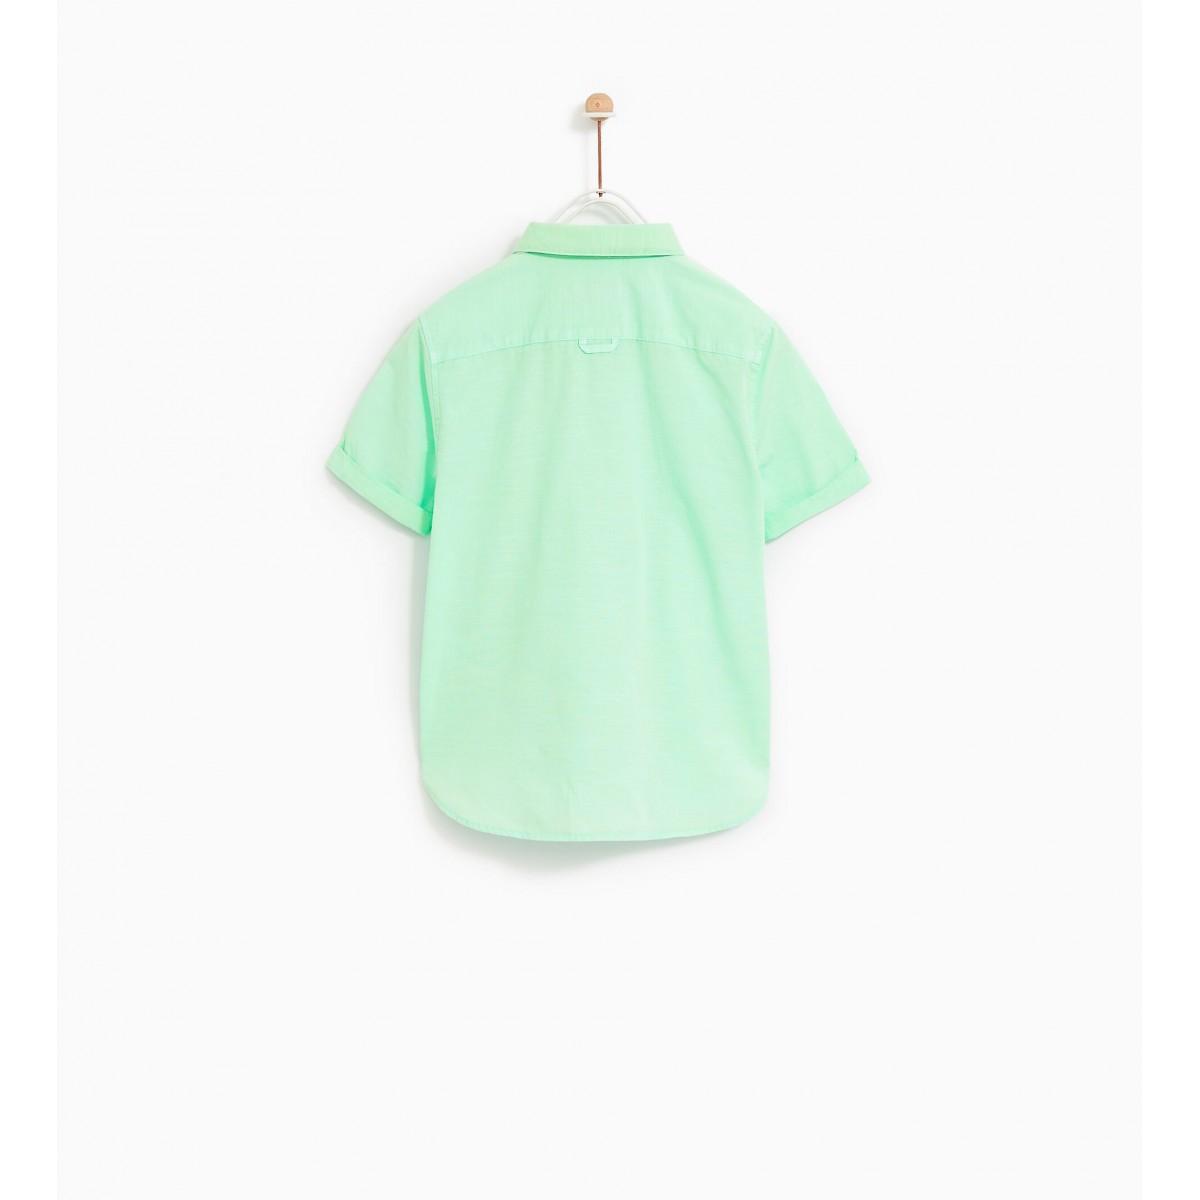 Zara Short Sleeve Shirt